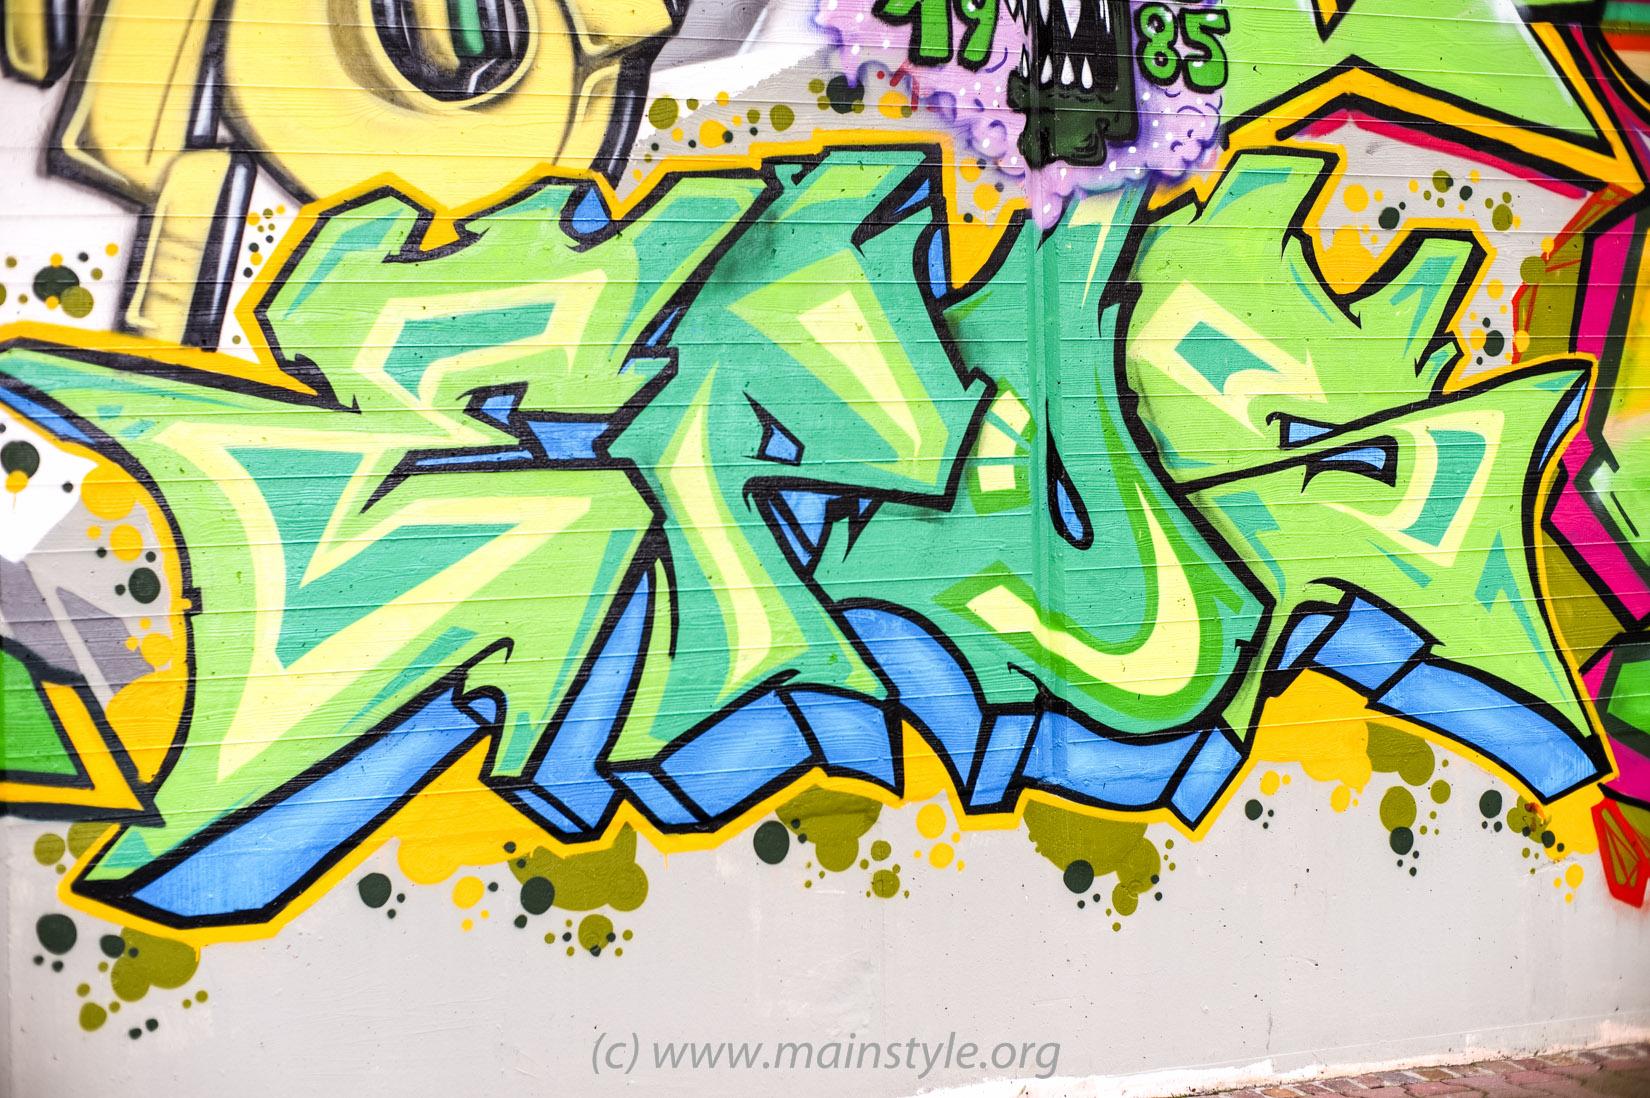 Frankfurt-Höchst_Graffiti_Süwag-Wall_2012 (21 von 35)